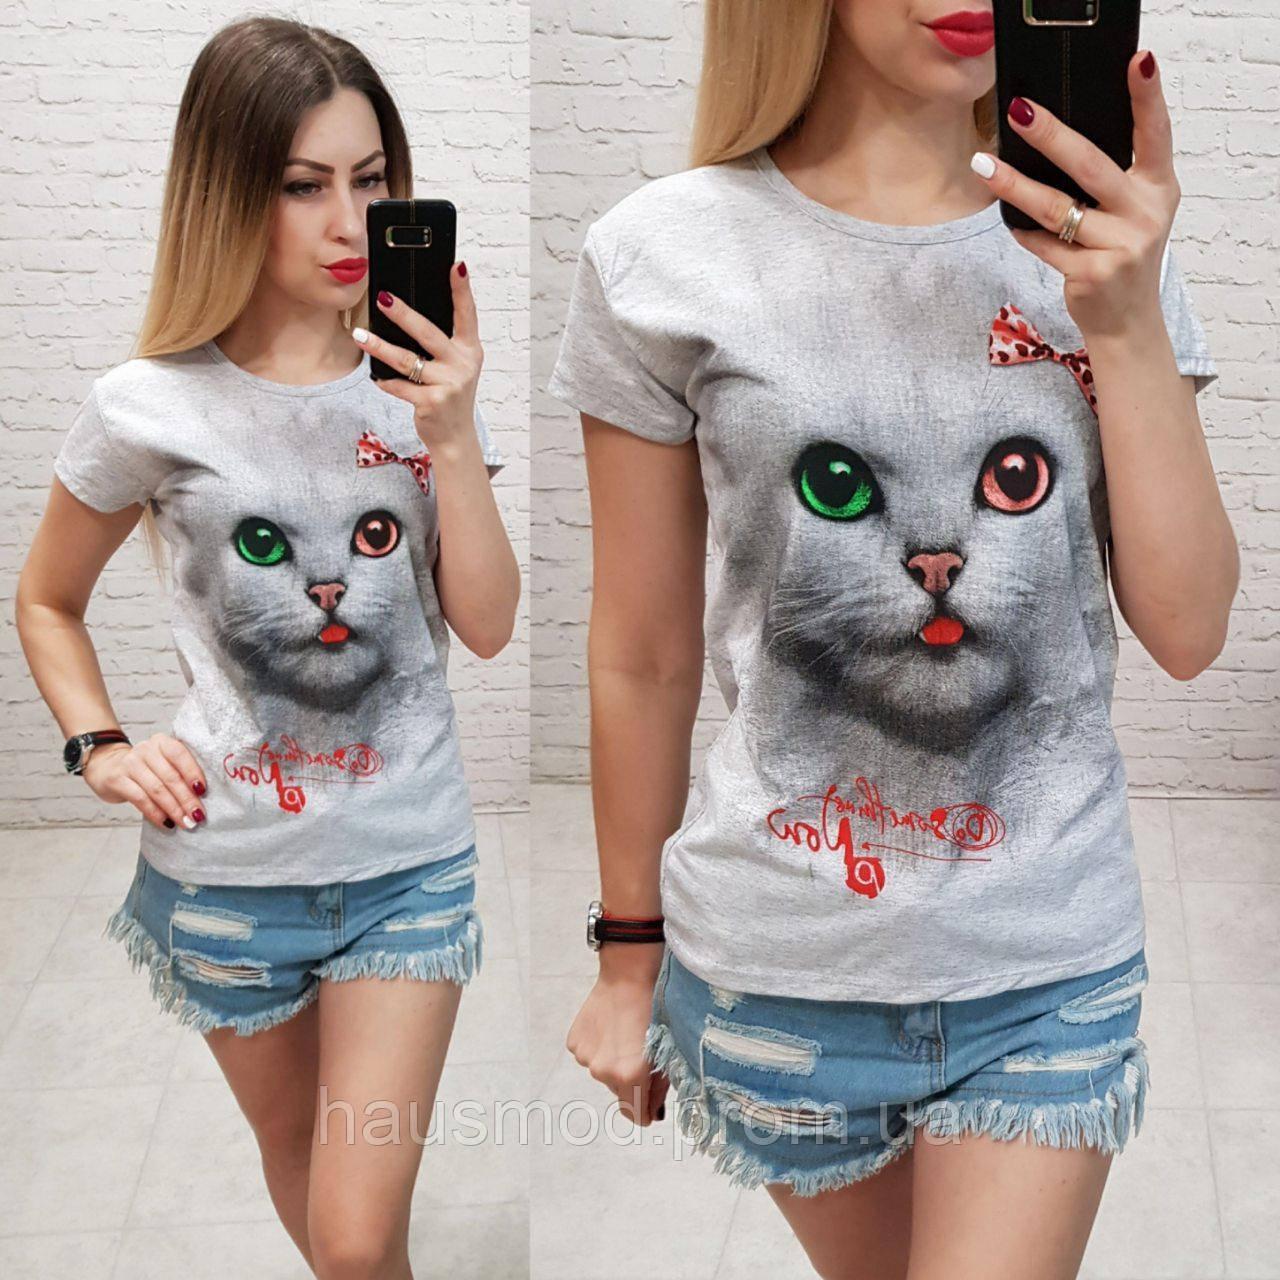 Женская футболка летняя рисунок Кошка Cat 100% катон качество турция цвет серый